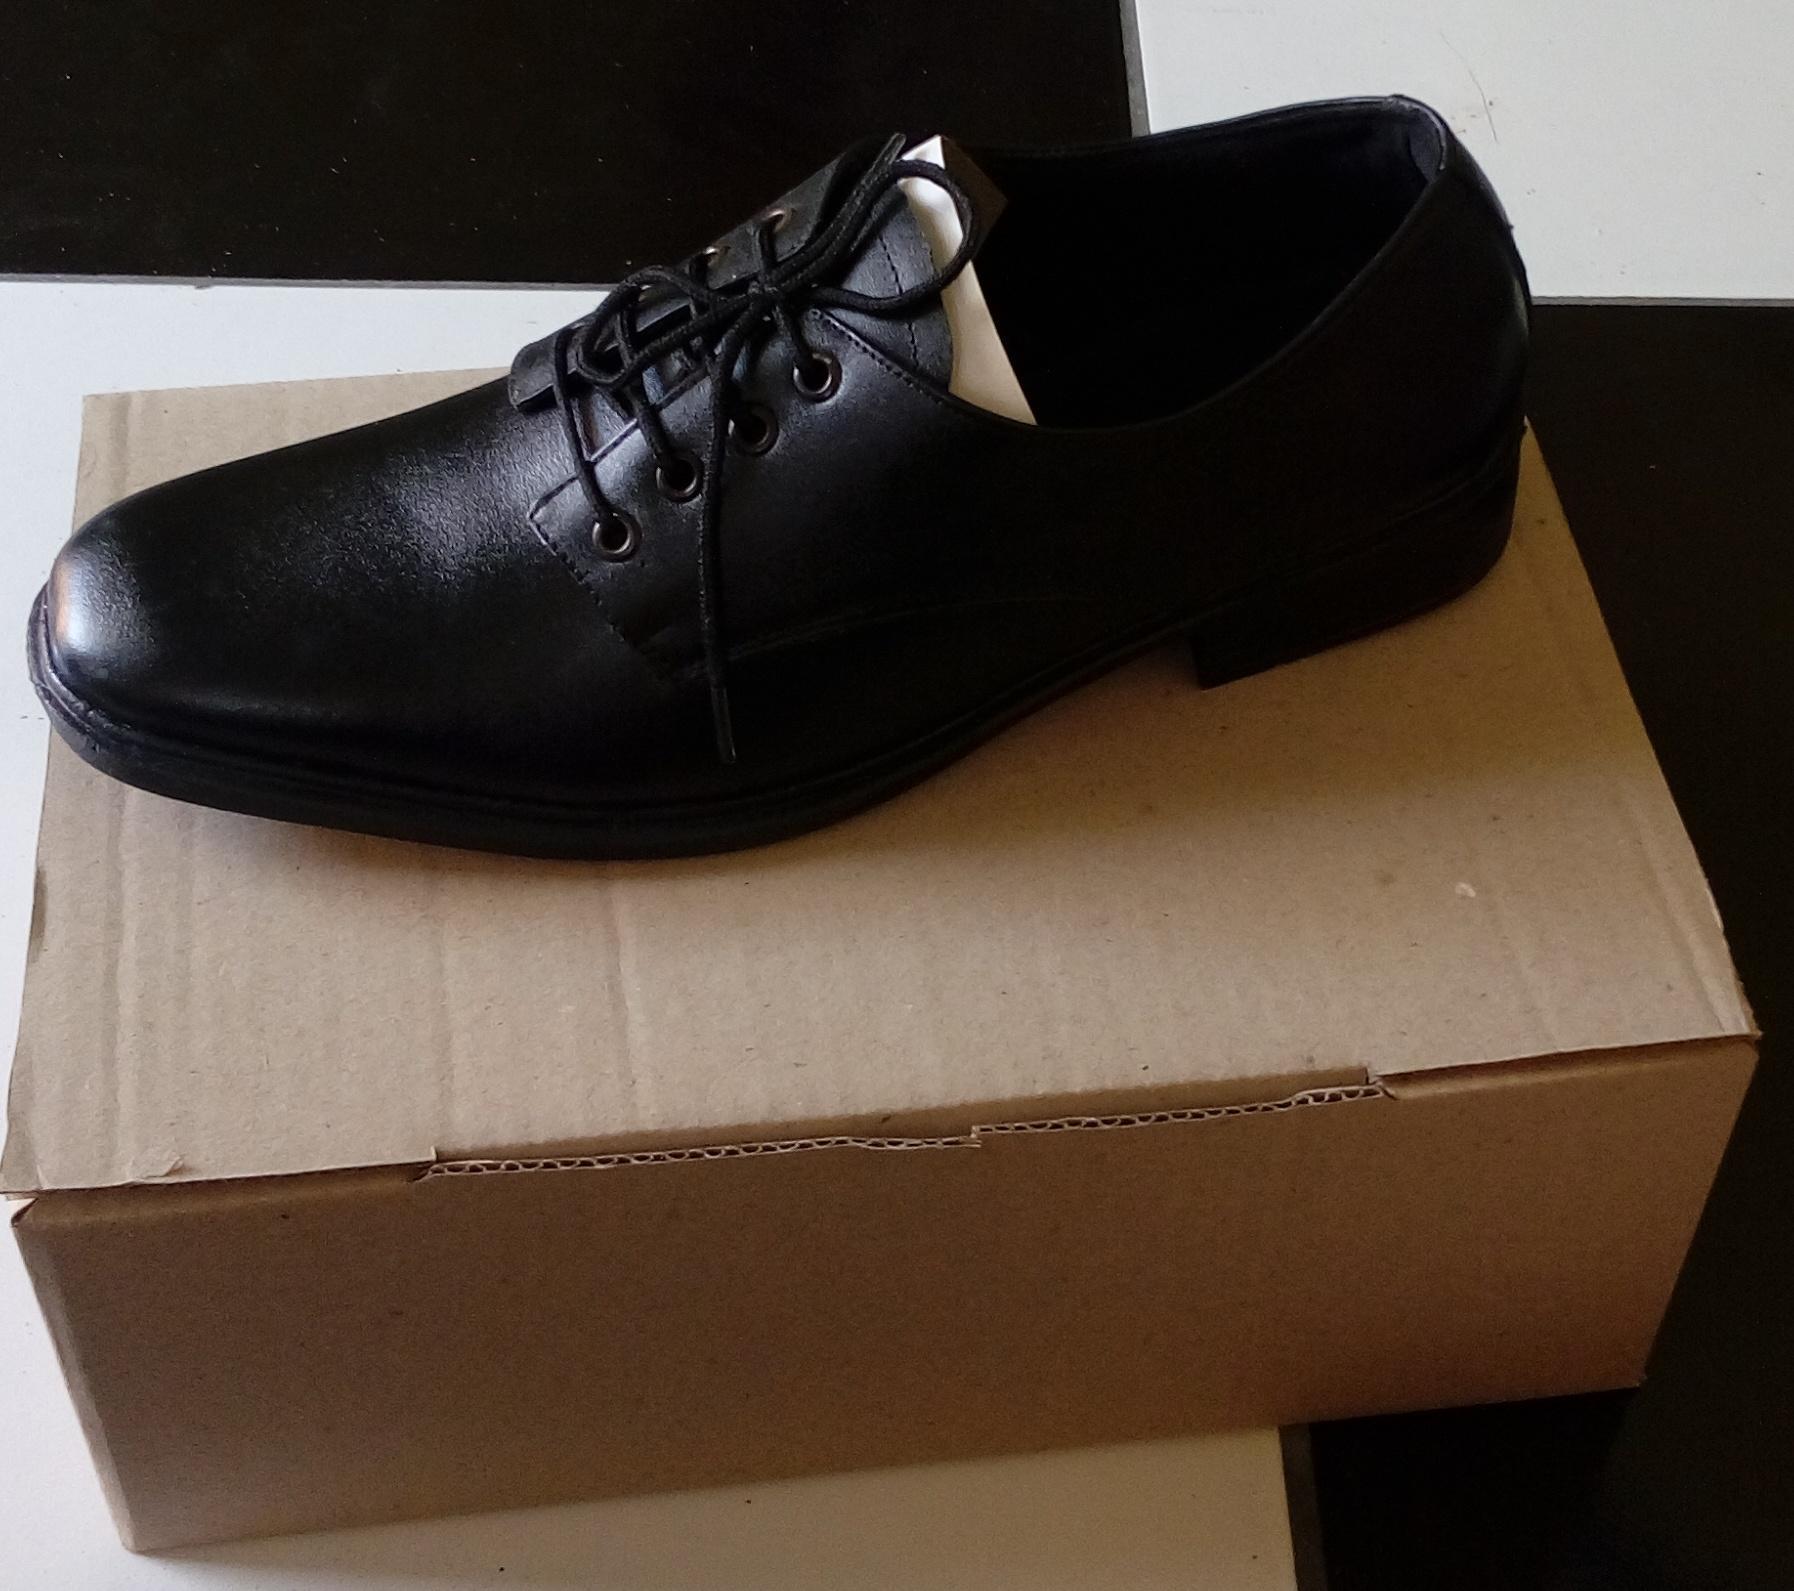 Sepatu kulit asli sepatu kerja sepatu sekolah pria bertali sepatu pantofel